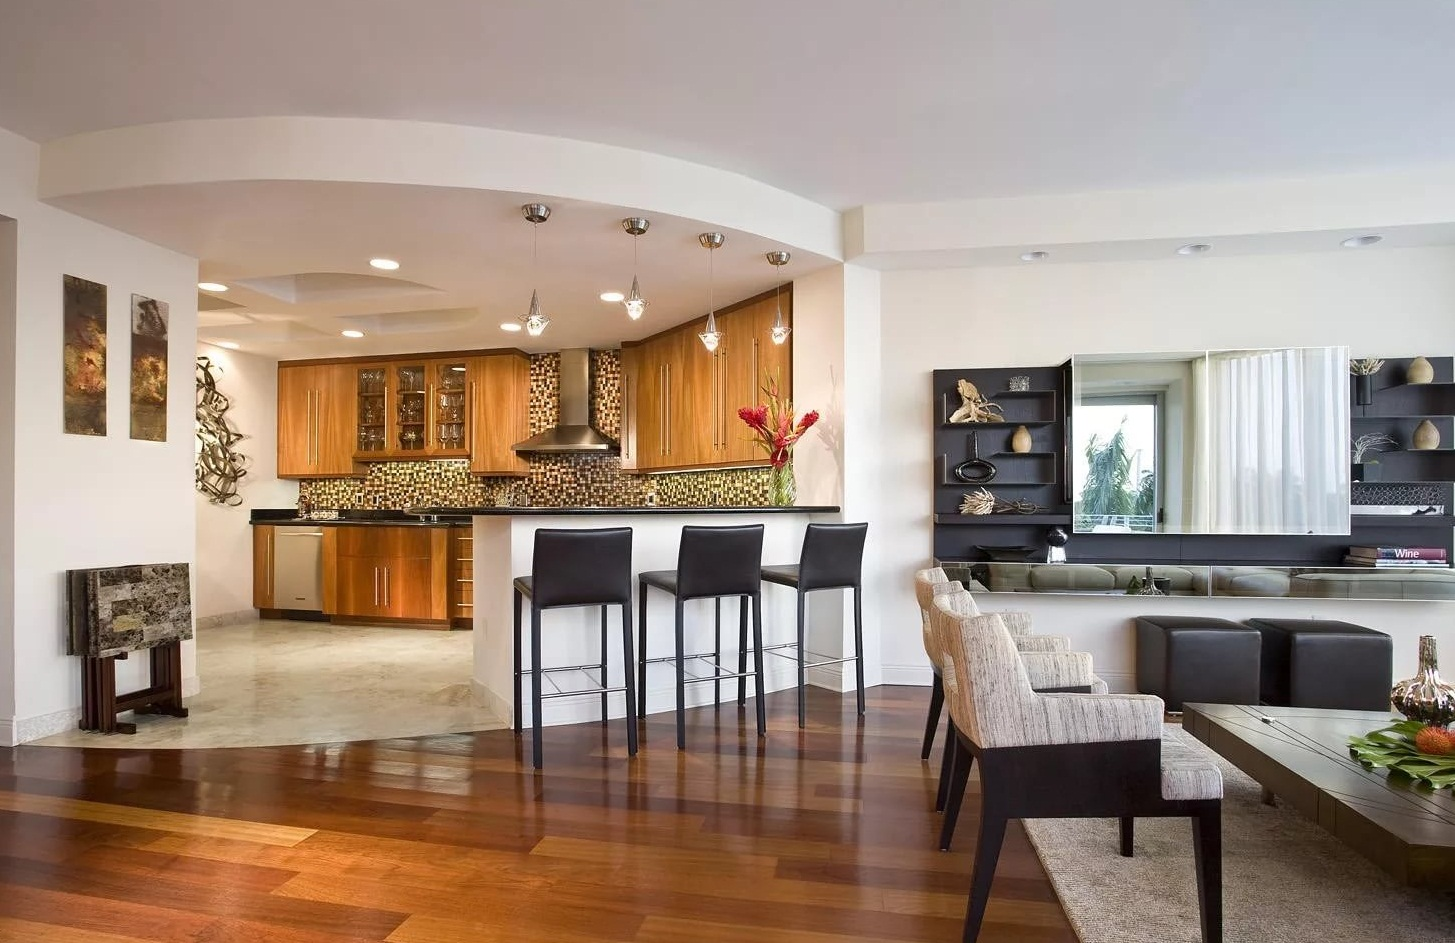 Размещение кухни в двухкомнатной квартире на подиуме